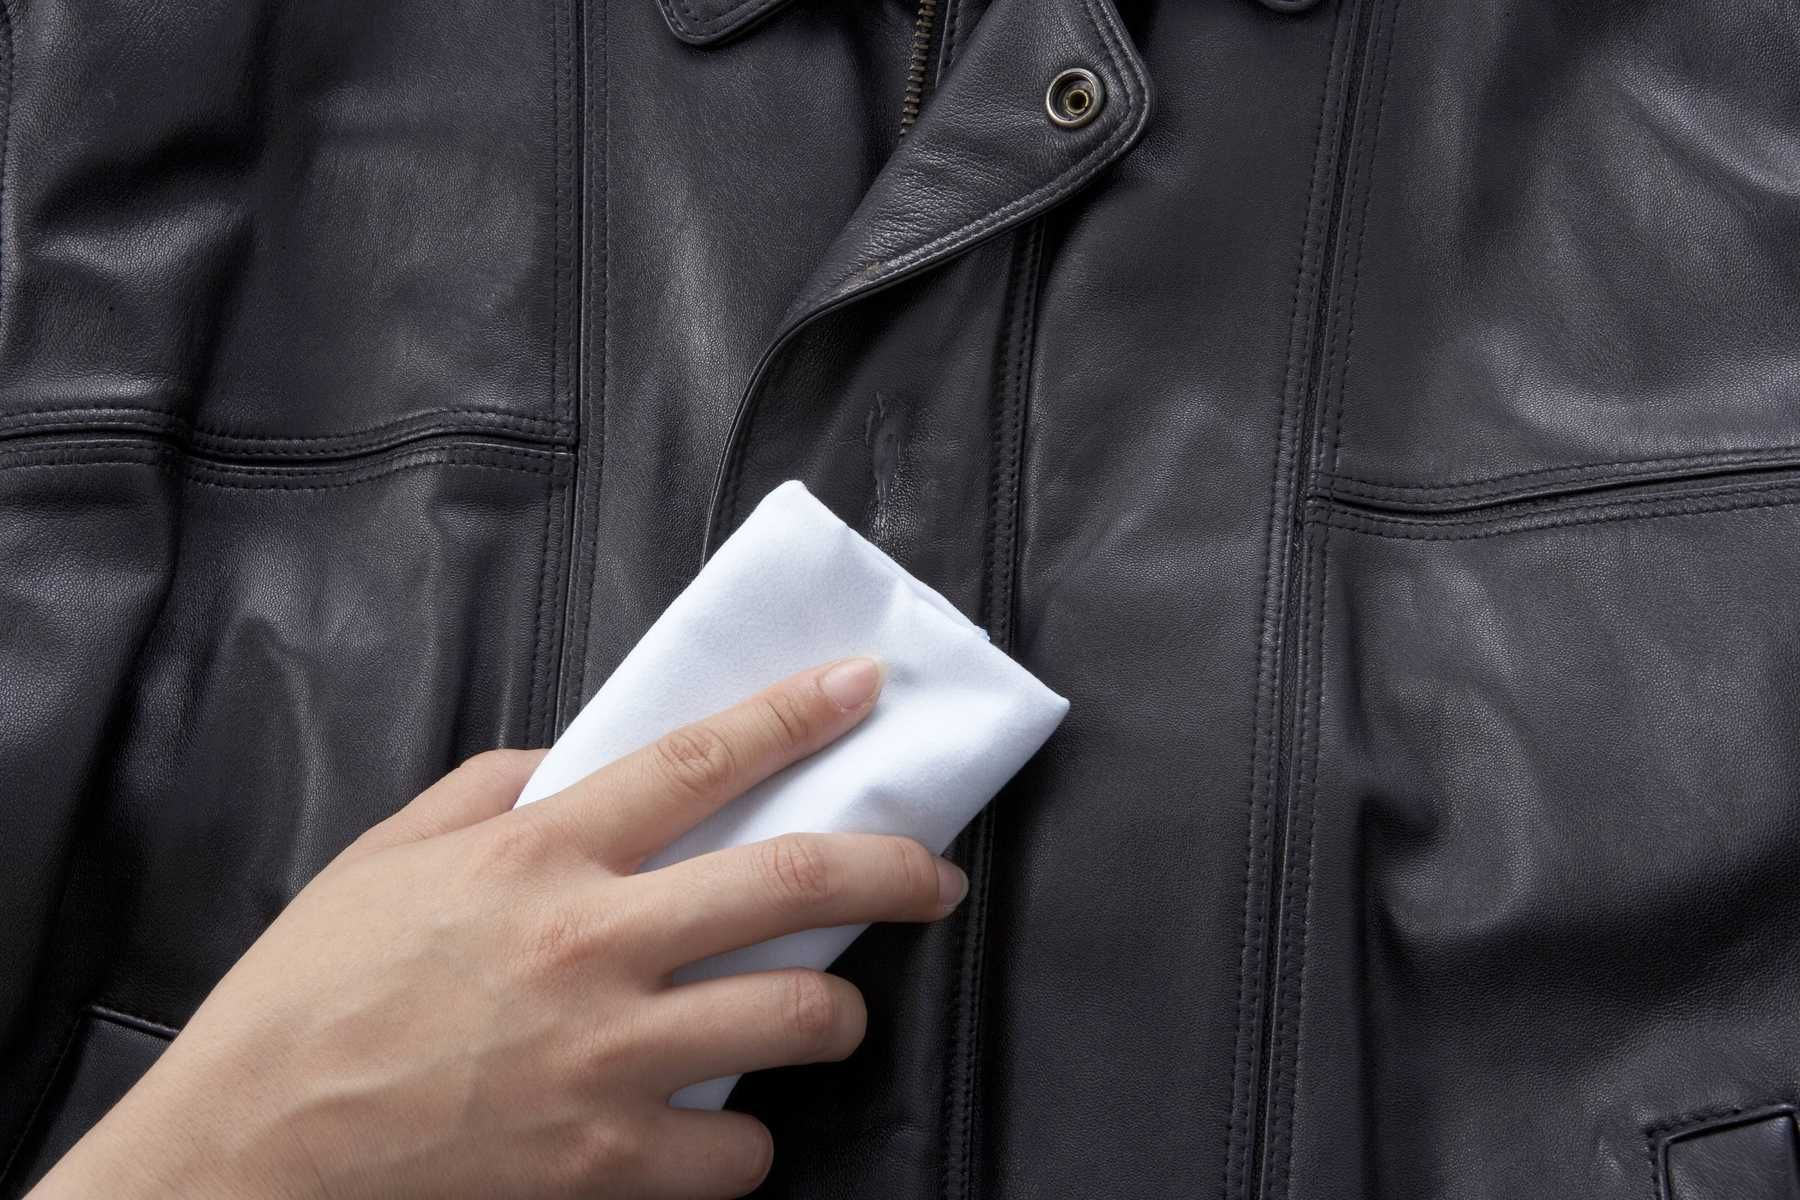 Hướng dẫn cách bảo quản áo da không bị mốc, nổ